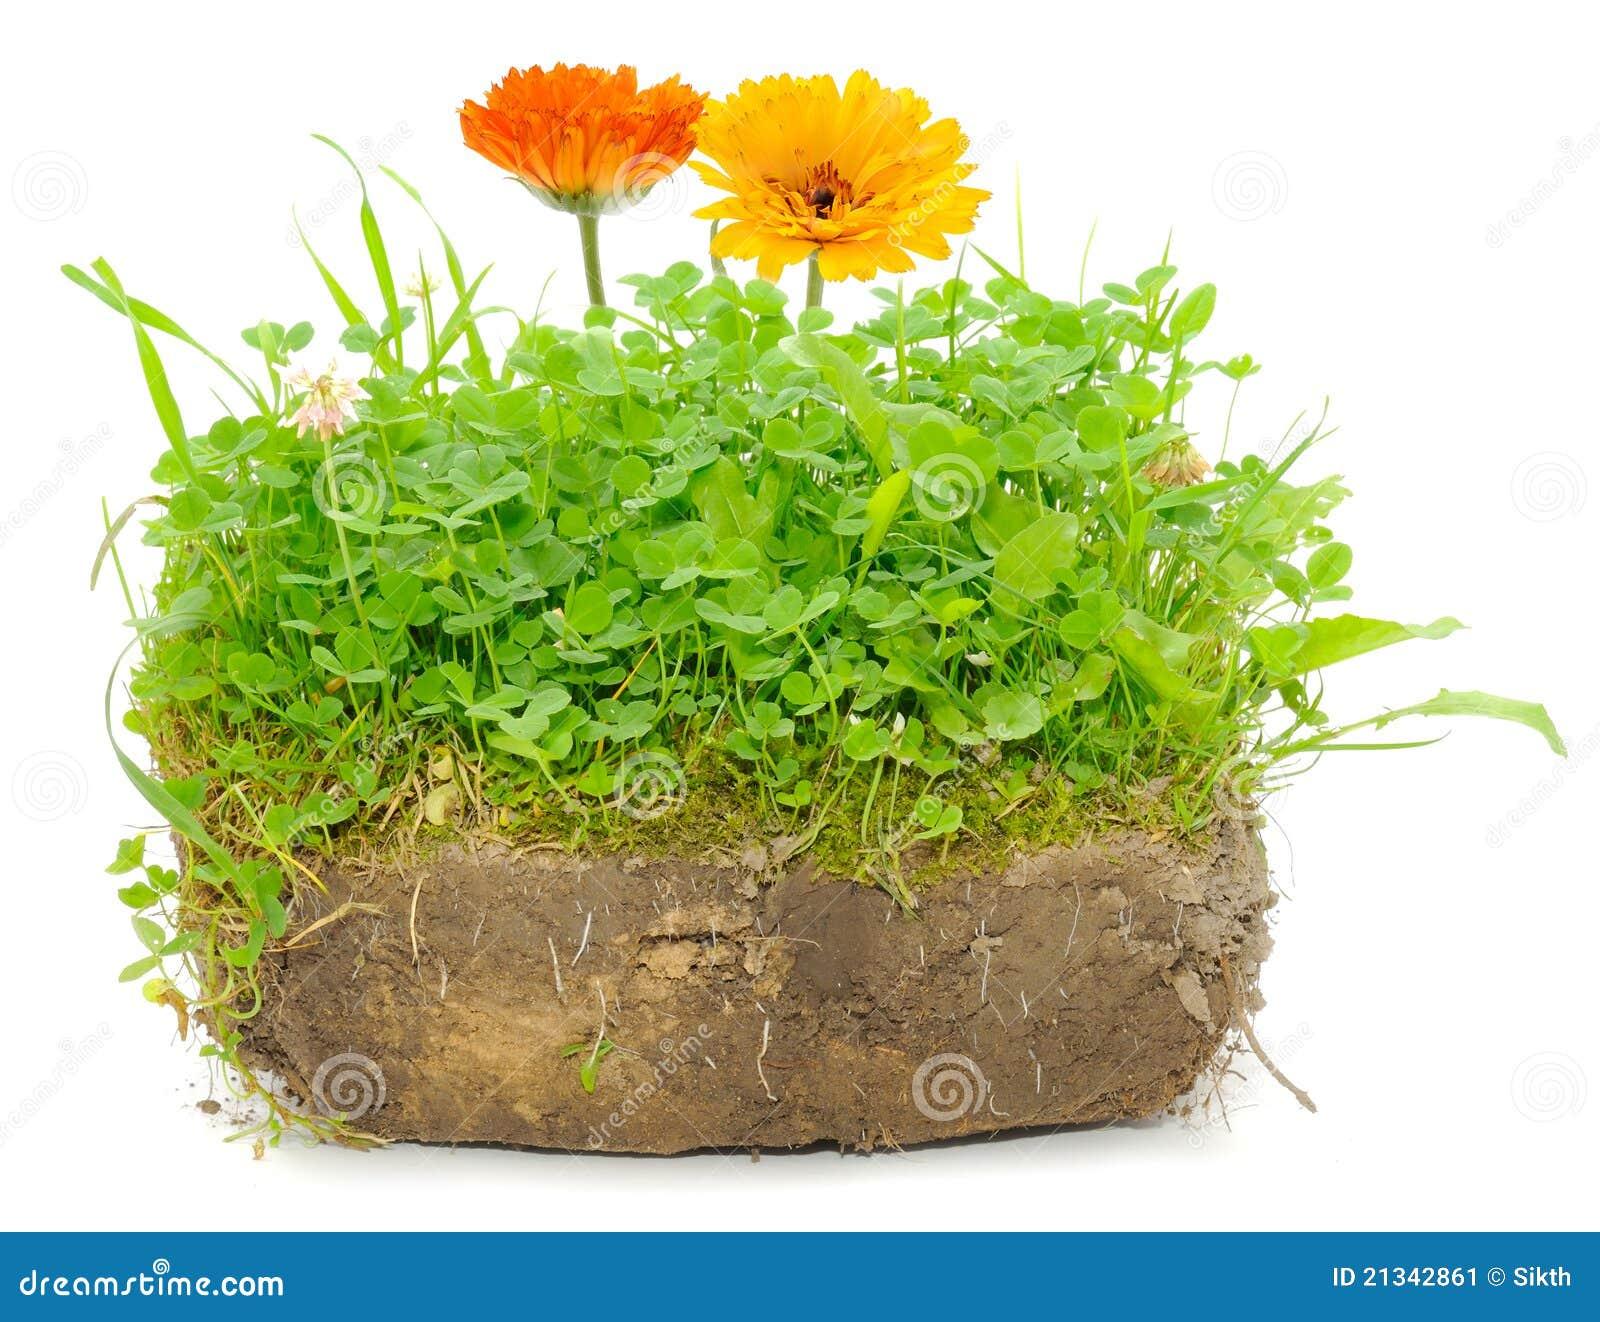 flower soil huntsville